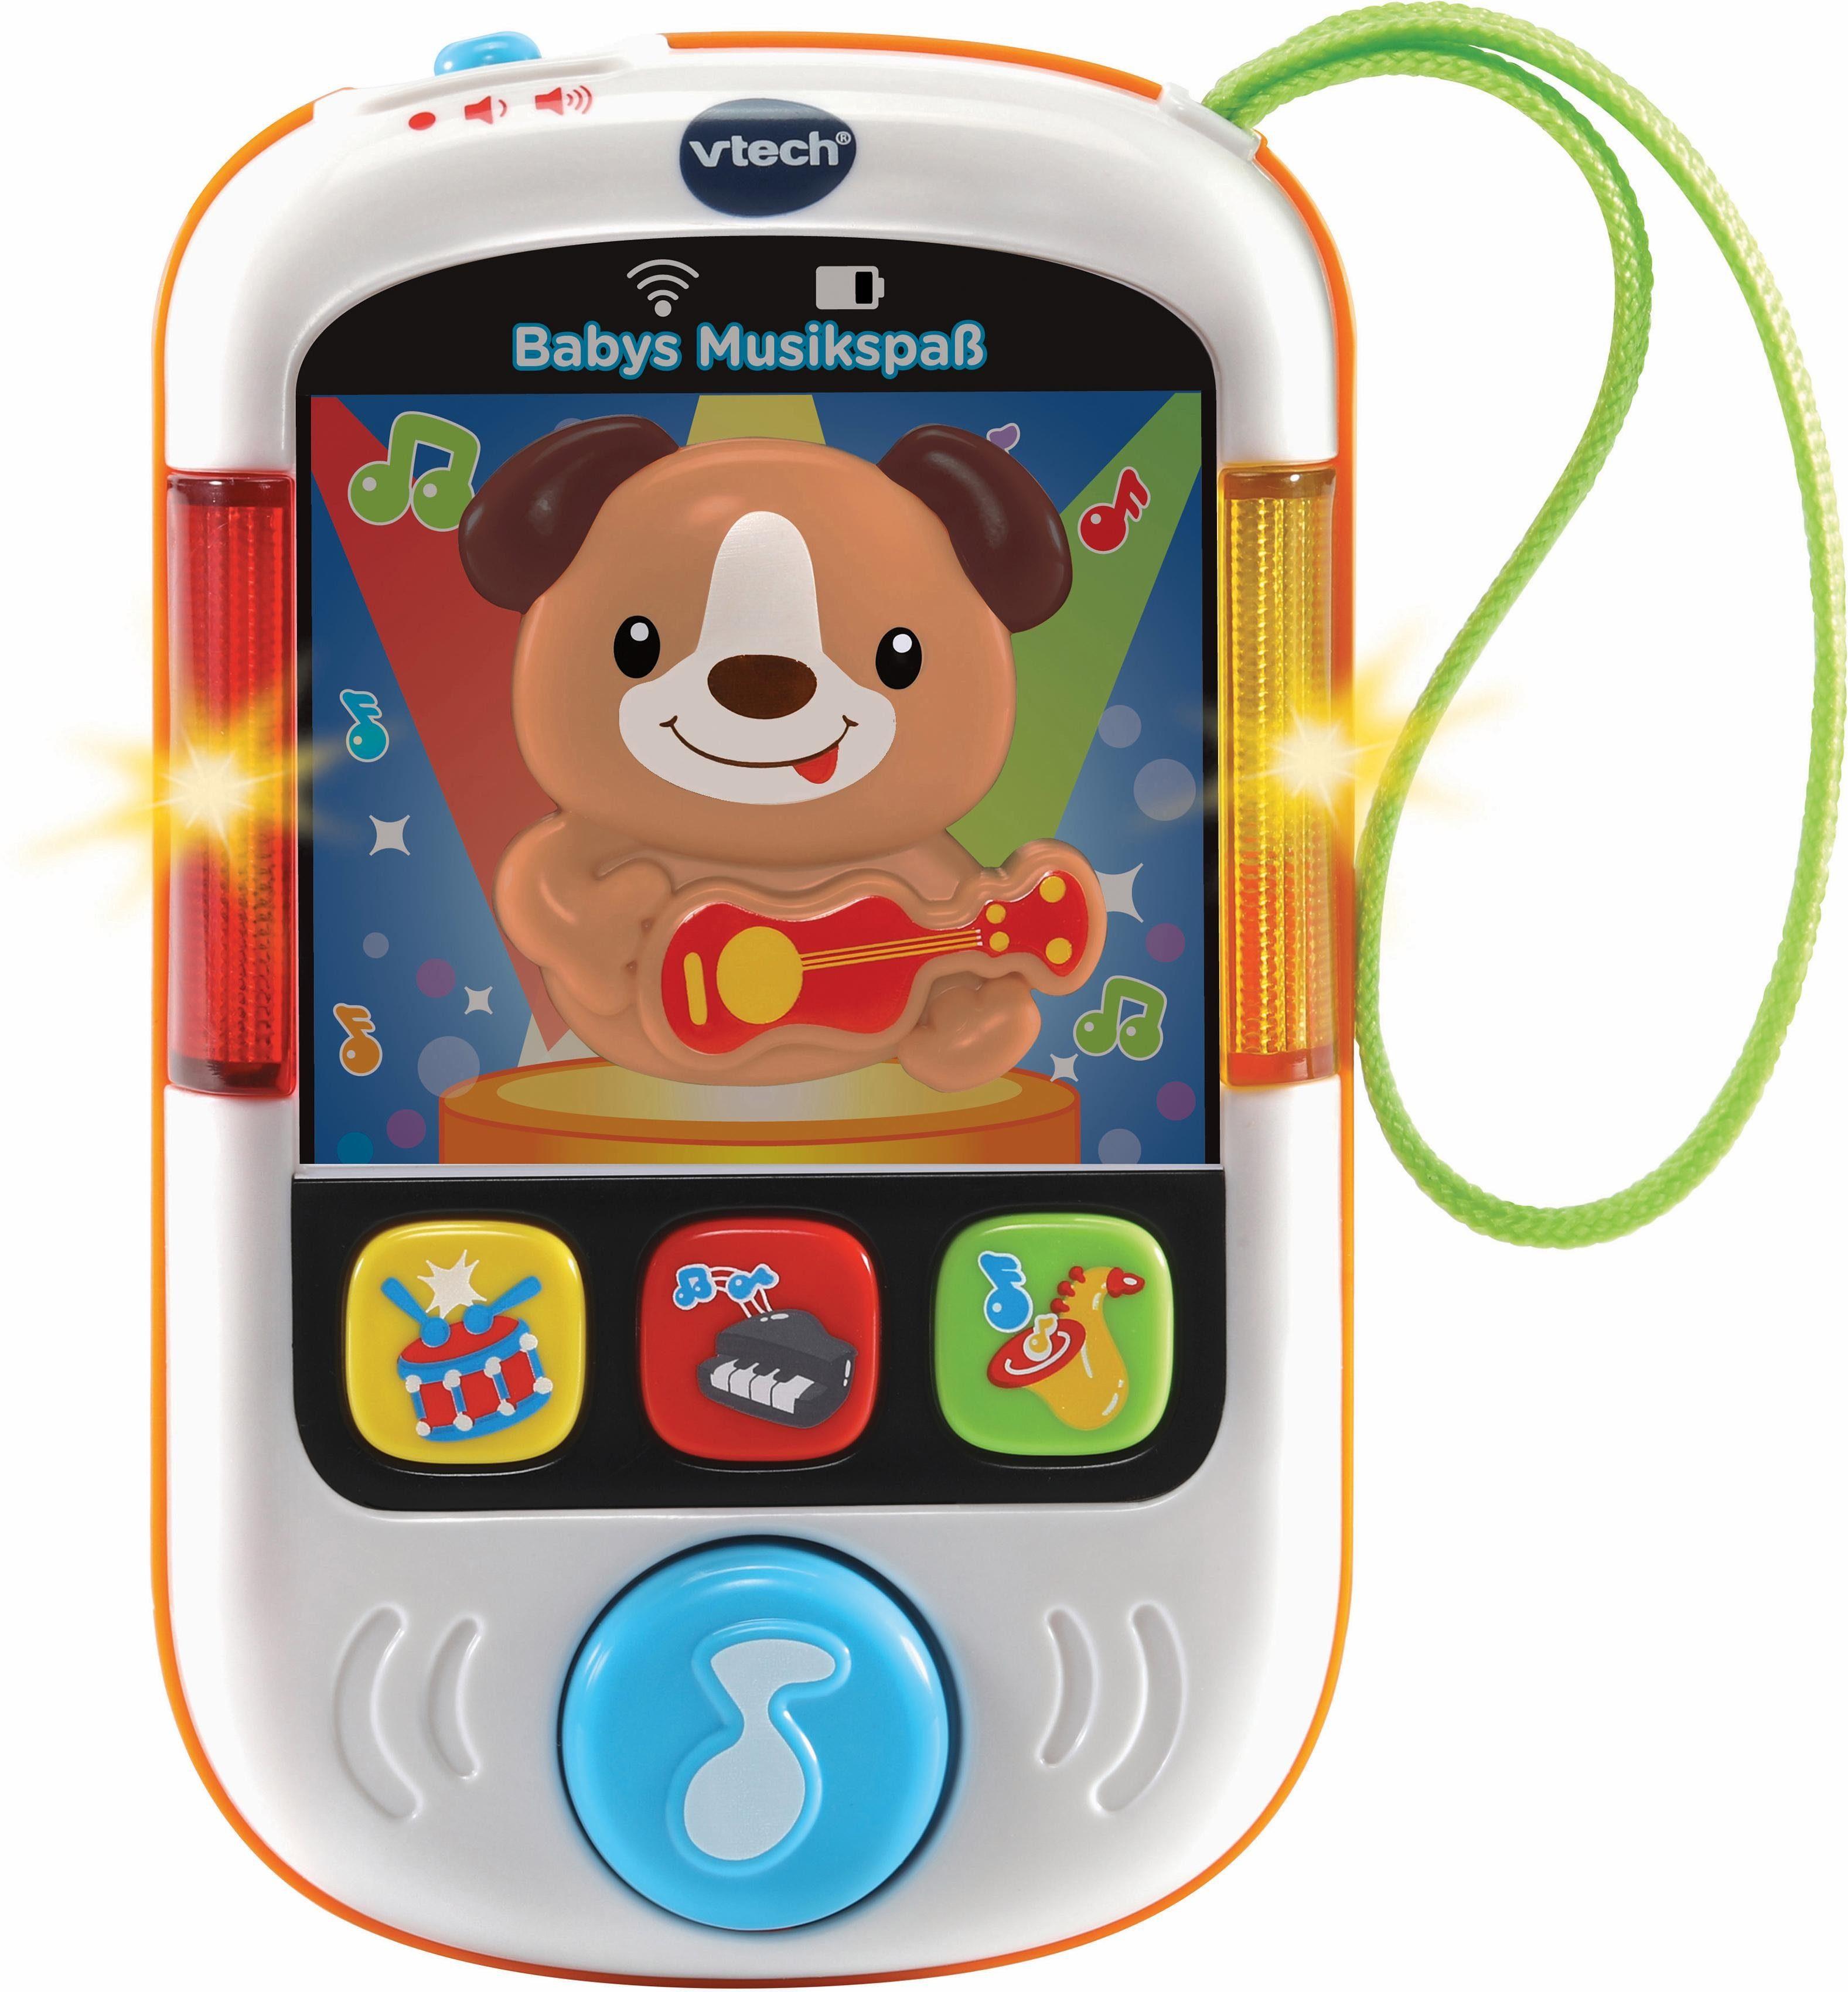 VTech Lernspielzeug mit Sound, »Babys Musikspaß«